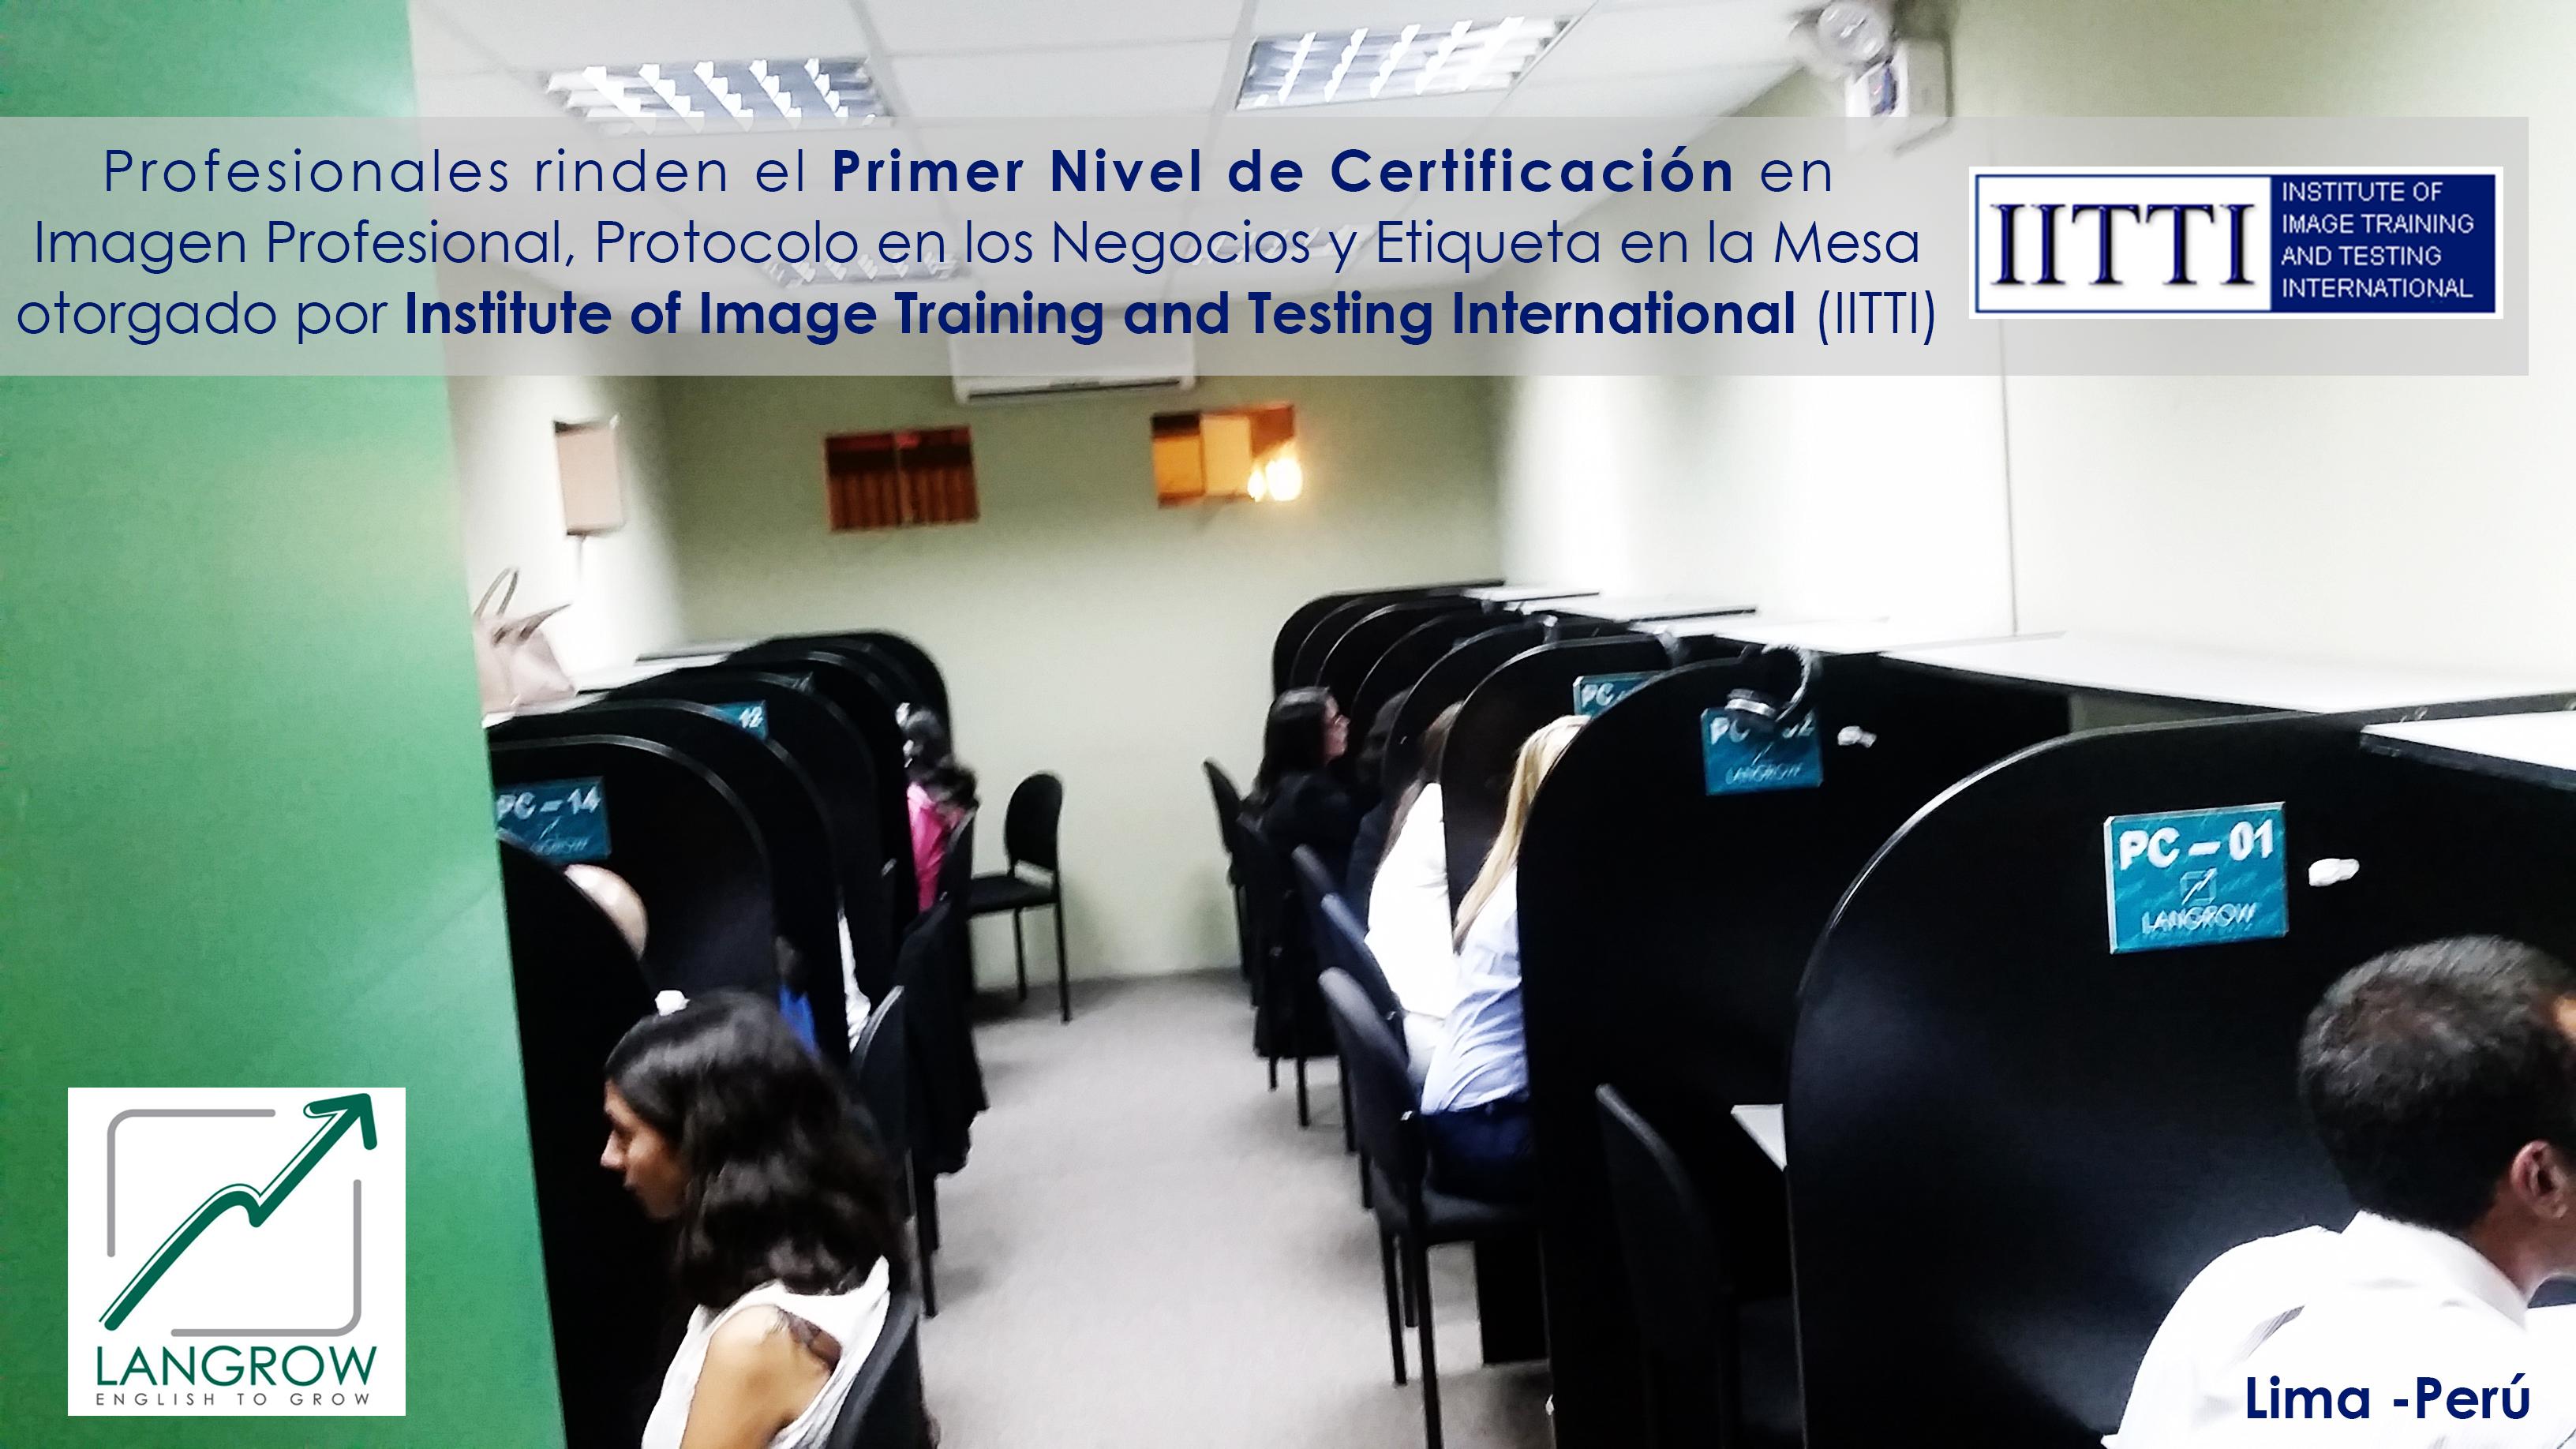 Profesionales rindiendo el examen IITTI en LANGROW 11 de abril